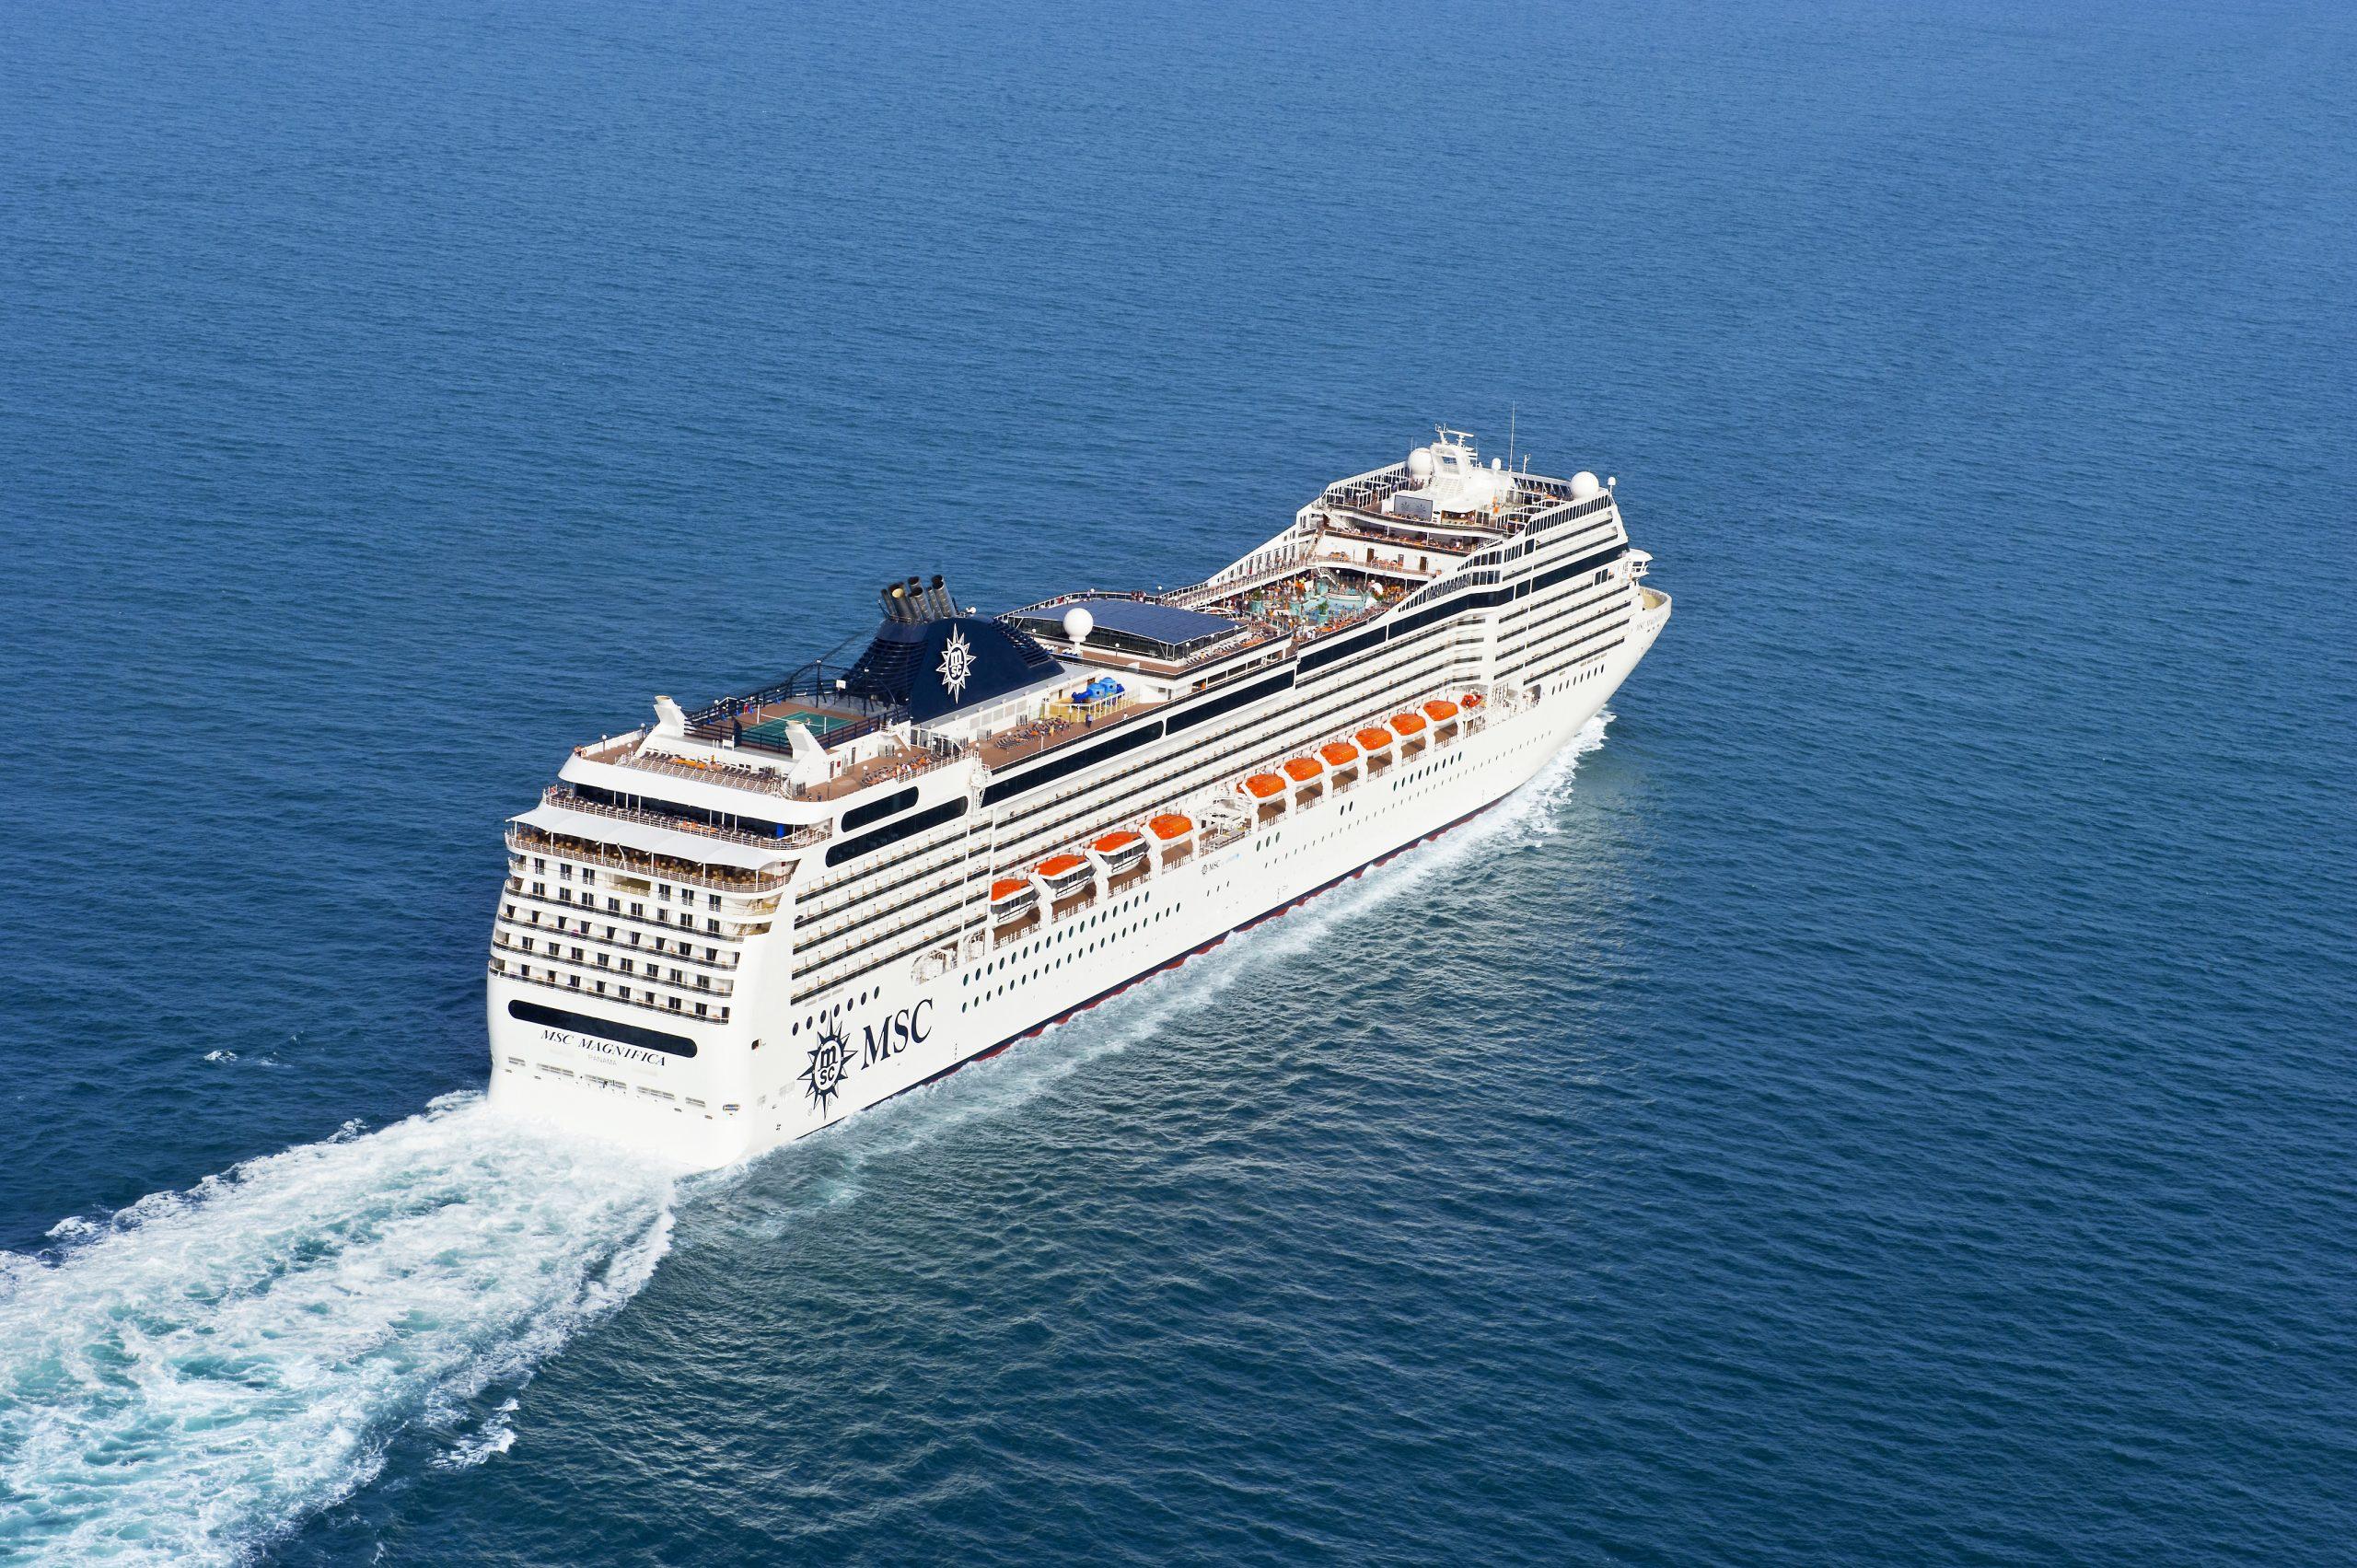 Nach tagelangerIrrfahrt im Indischen Ozean hat eine deutsche Passagierin die MSC Magnifica in Sri Lanka verlassen dürfen, weil sie krank ist